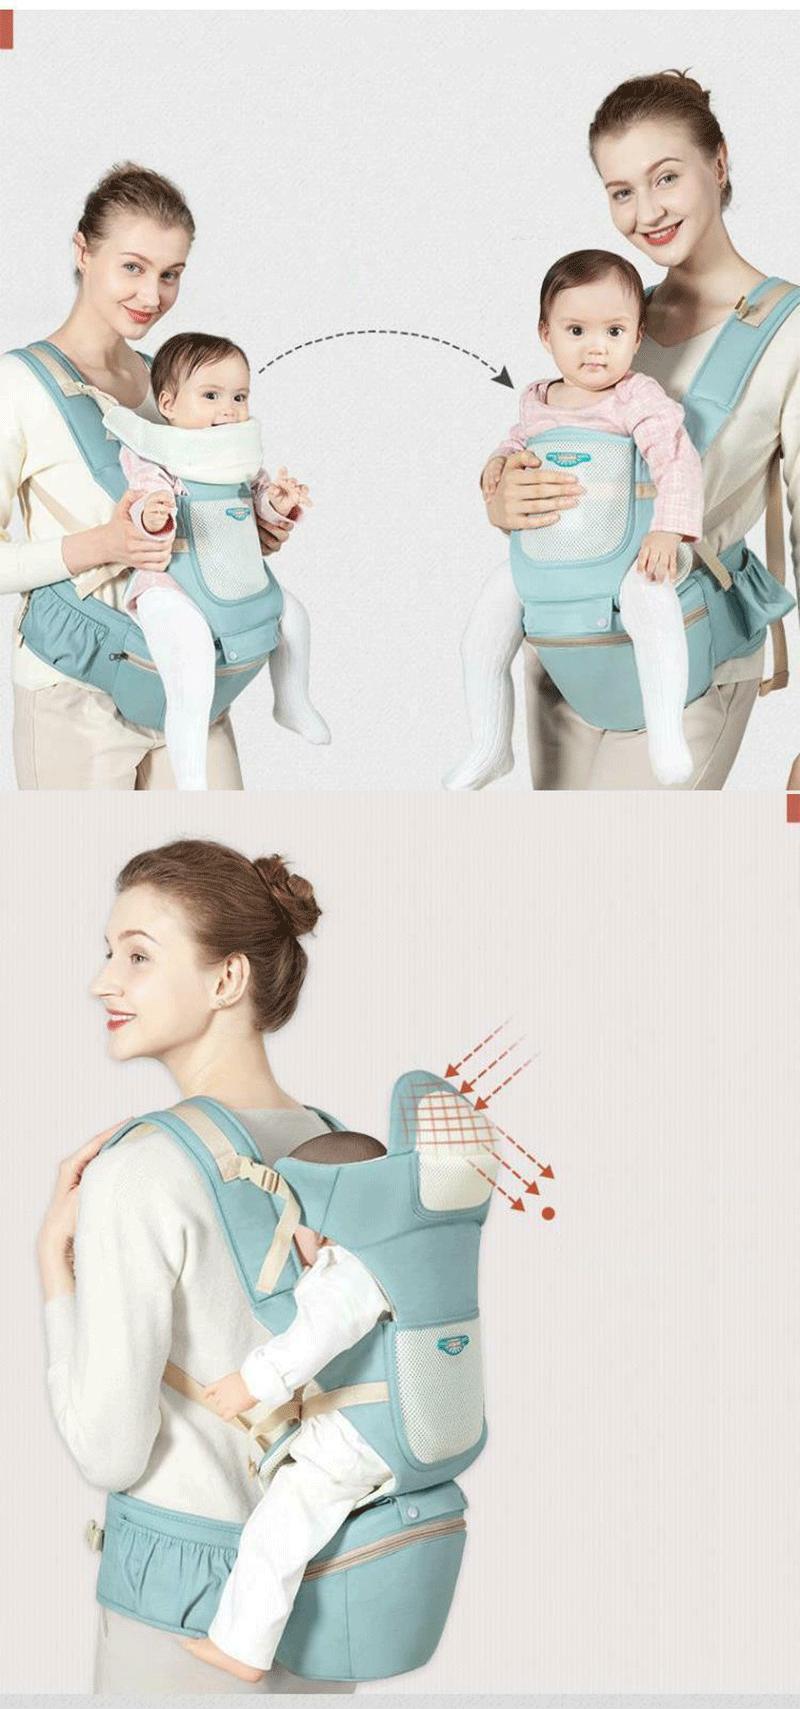 [ĐƯỢC CHỌN MÀU-ĐẠI HẠ GIÁ] Địu em bé đa tư thế có đỡ cổ và ghế (bệ ngồi) chống gù, điệu mềm trẻ sơ sinh đến dưới 20kg cho bé em – đai địu em bé – MMHANG31